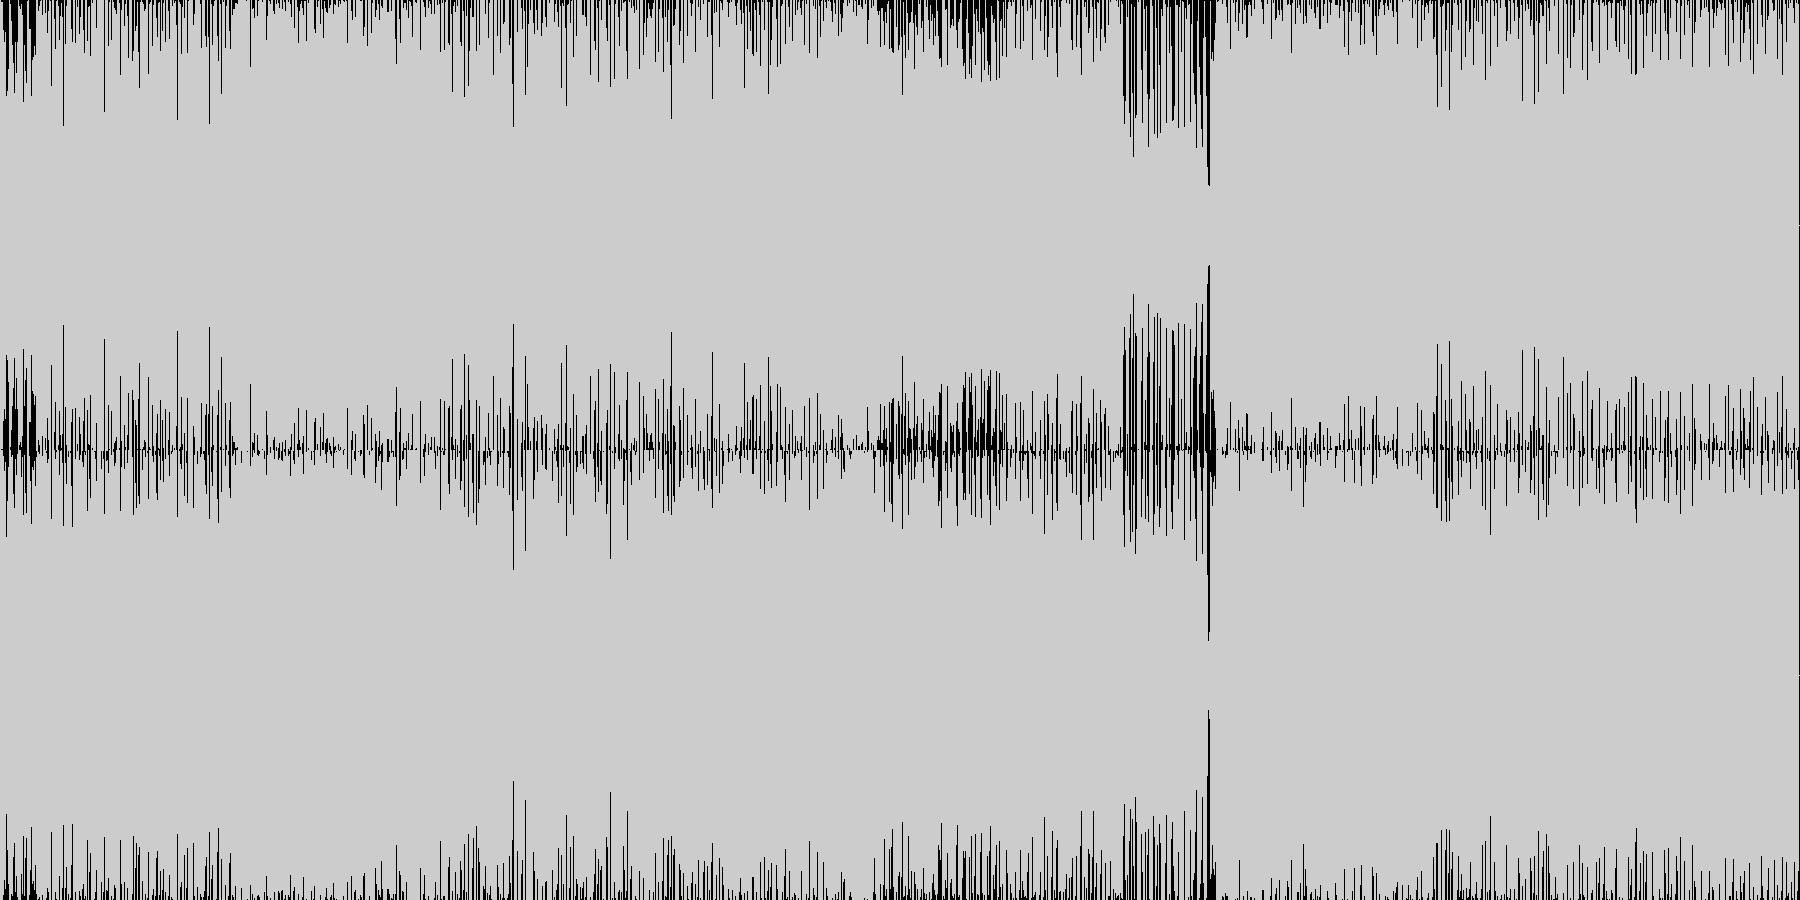 疾走感のあるハードロック・メタルBGMの未再生の波形